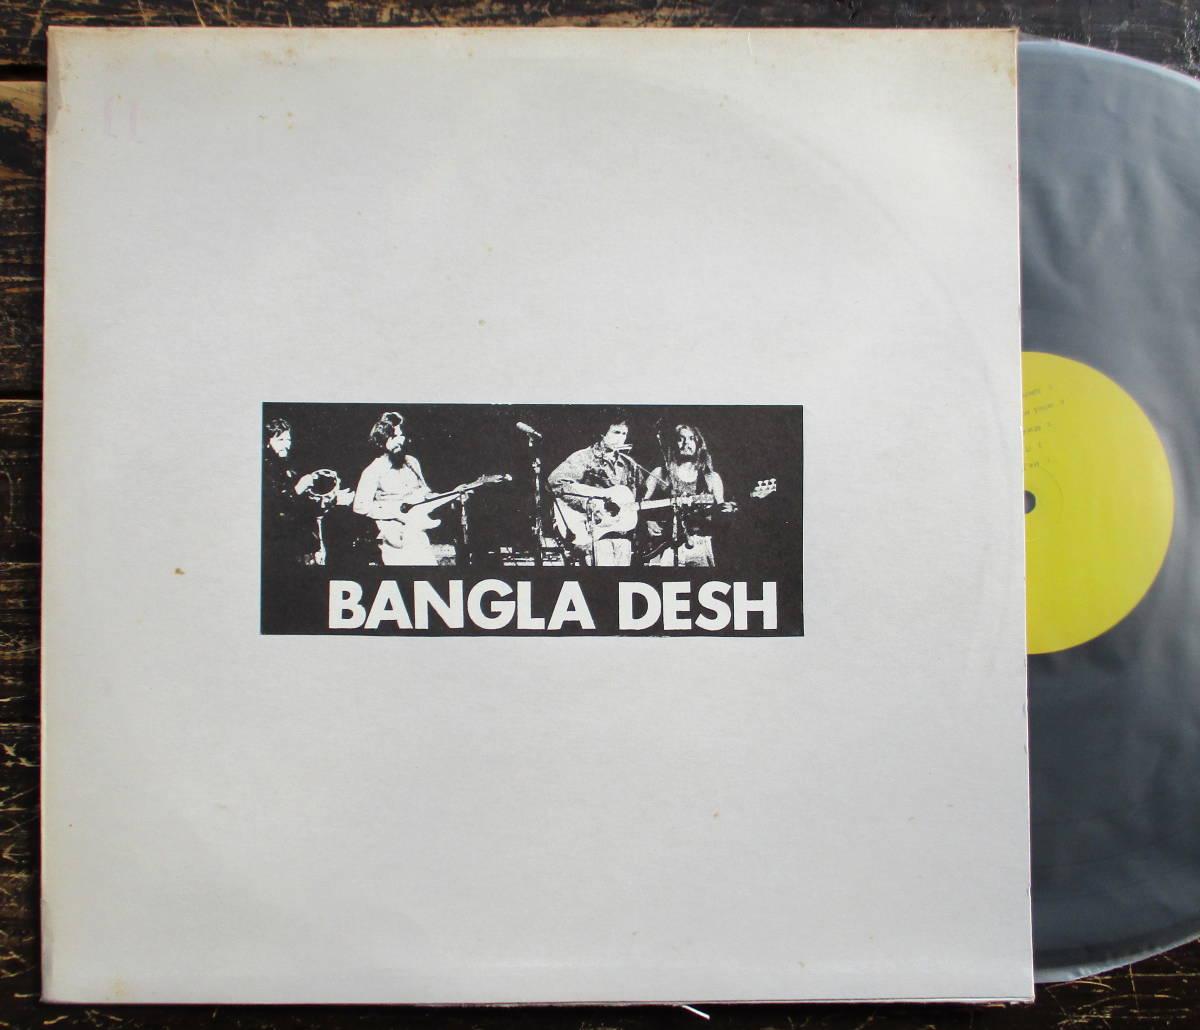 機械打マト1101【Bangla Desh】George Harrison Bob Dylan(ジョージハリスンボブディラン他)